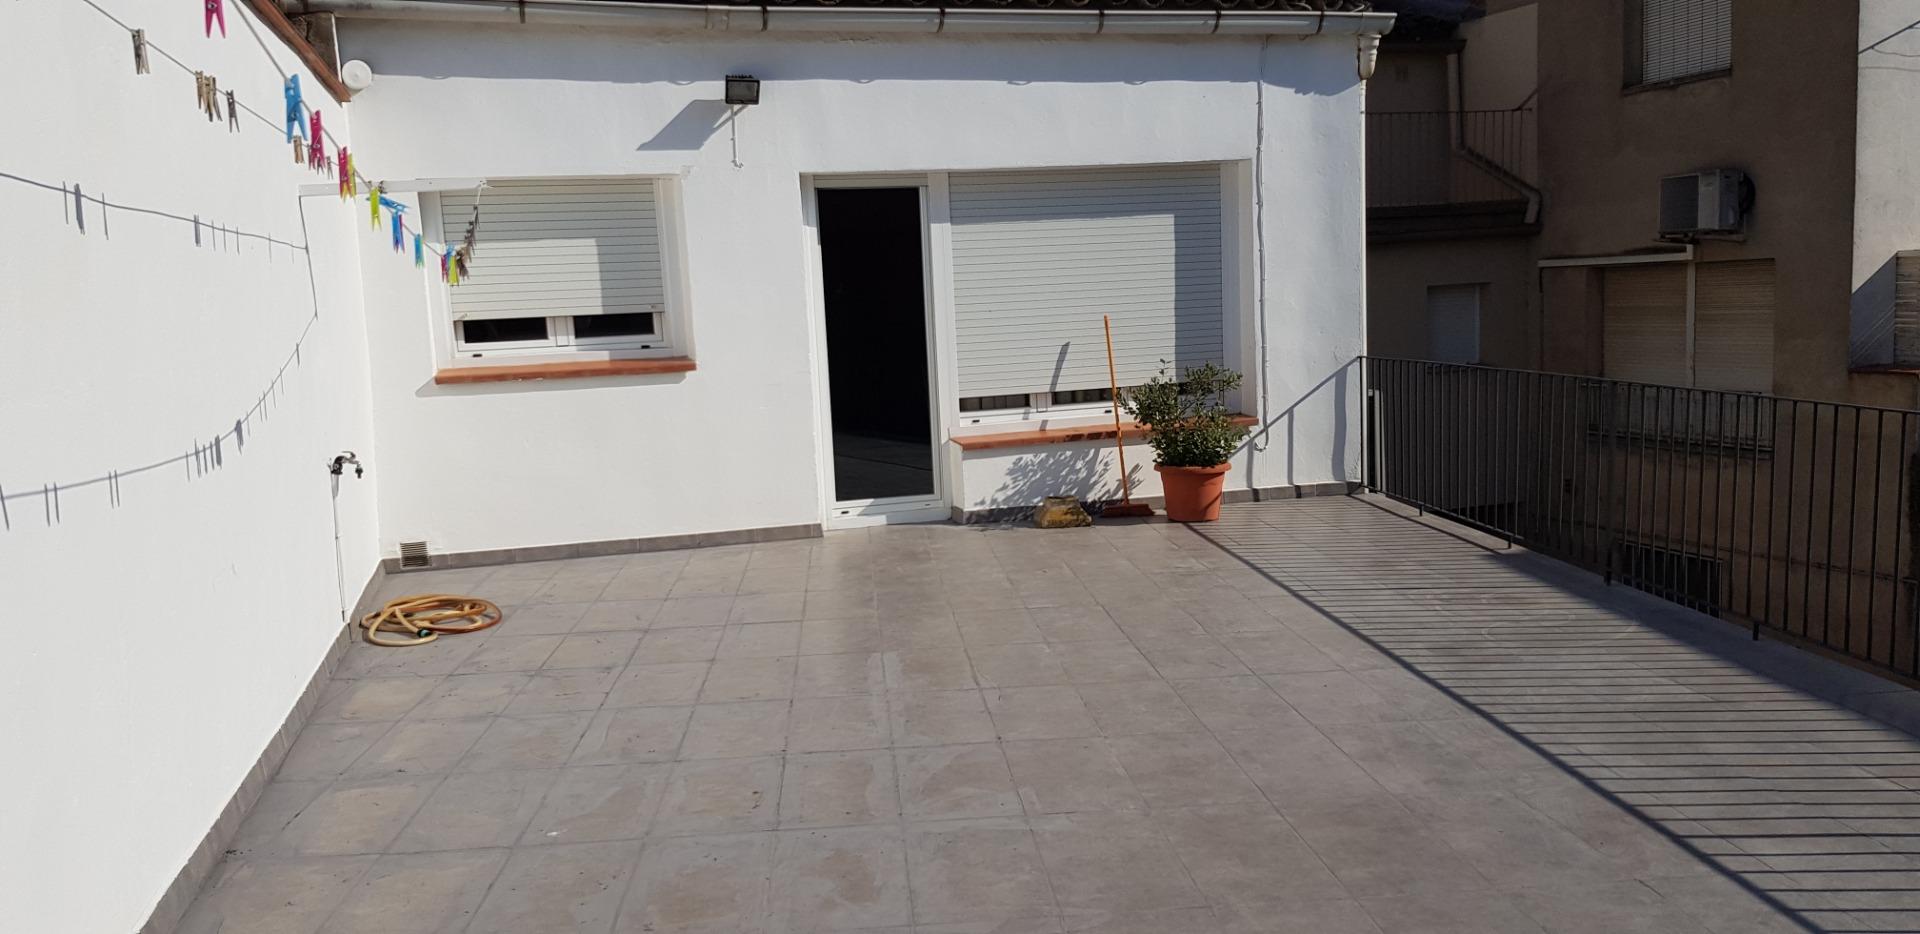 Edificio  Carrer anselm clavé, 8